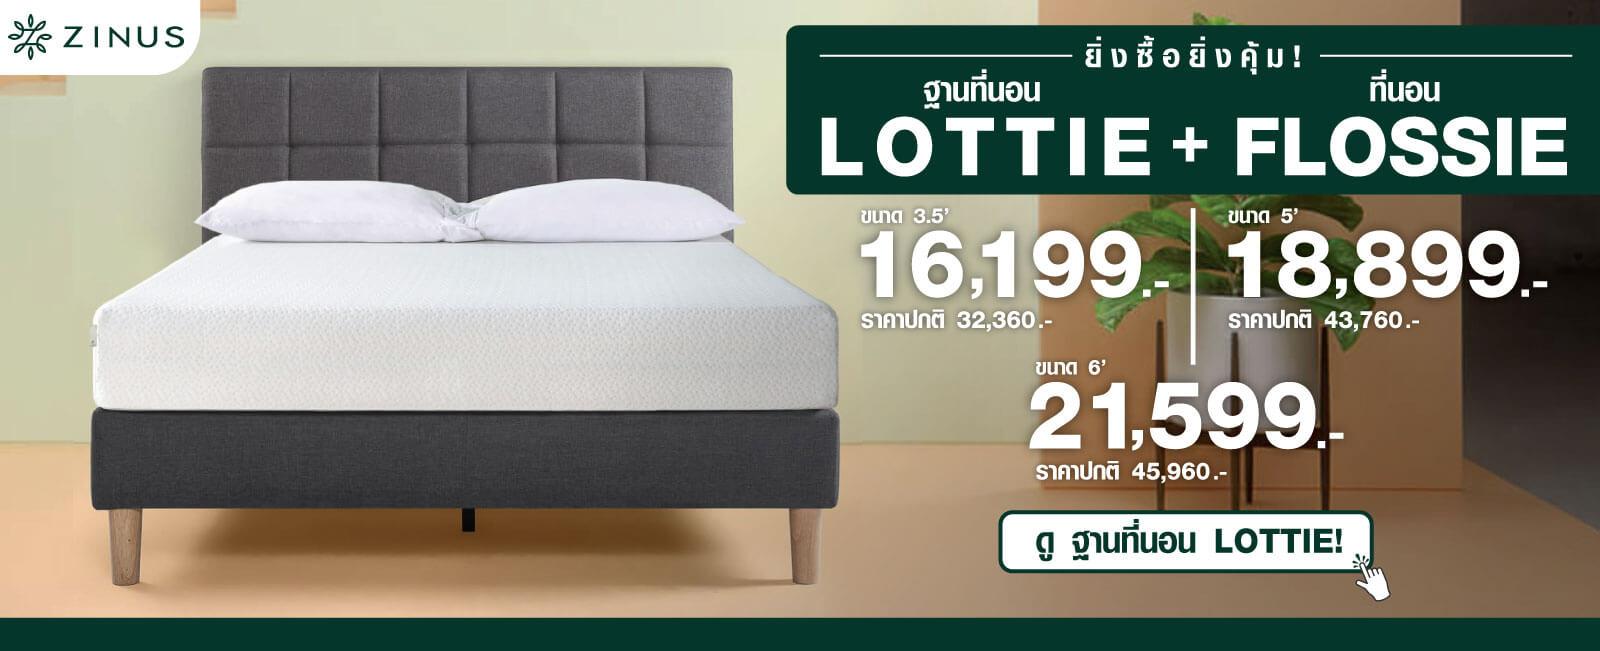 ที่นอนกรีนทีเมมโมรี่โฟม Zinus รุ่น FLOSSIE + Zinus Lottie Platform Bed